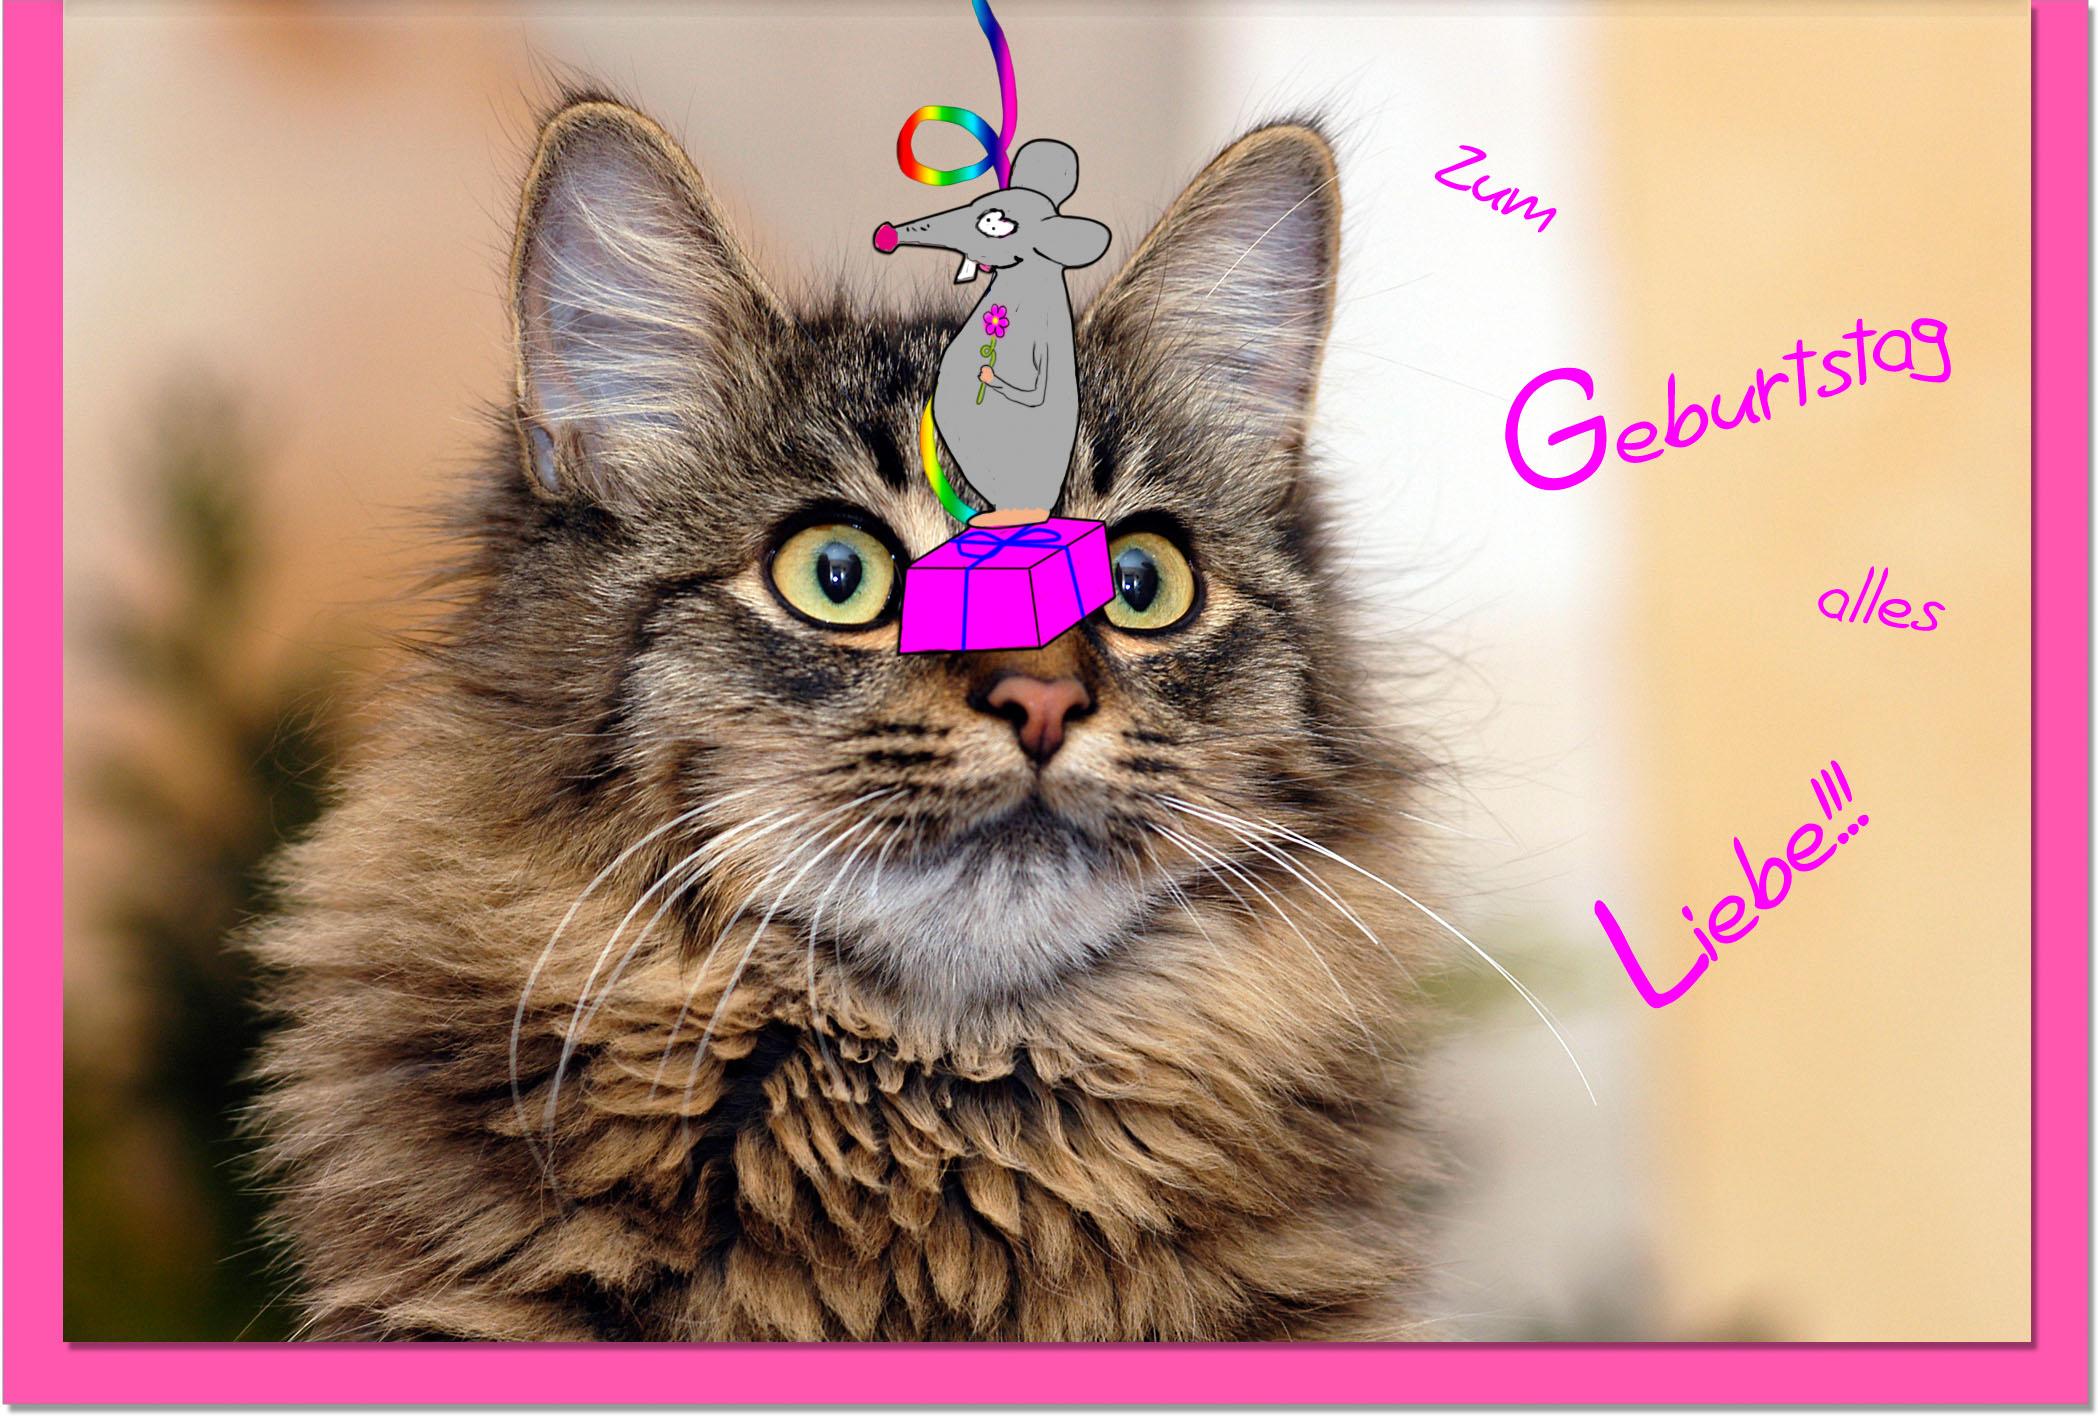 Geburtstagskarten / Grußkarten /Geburtstag Katze und Maus